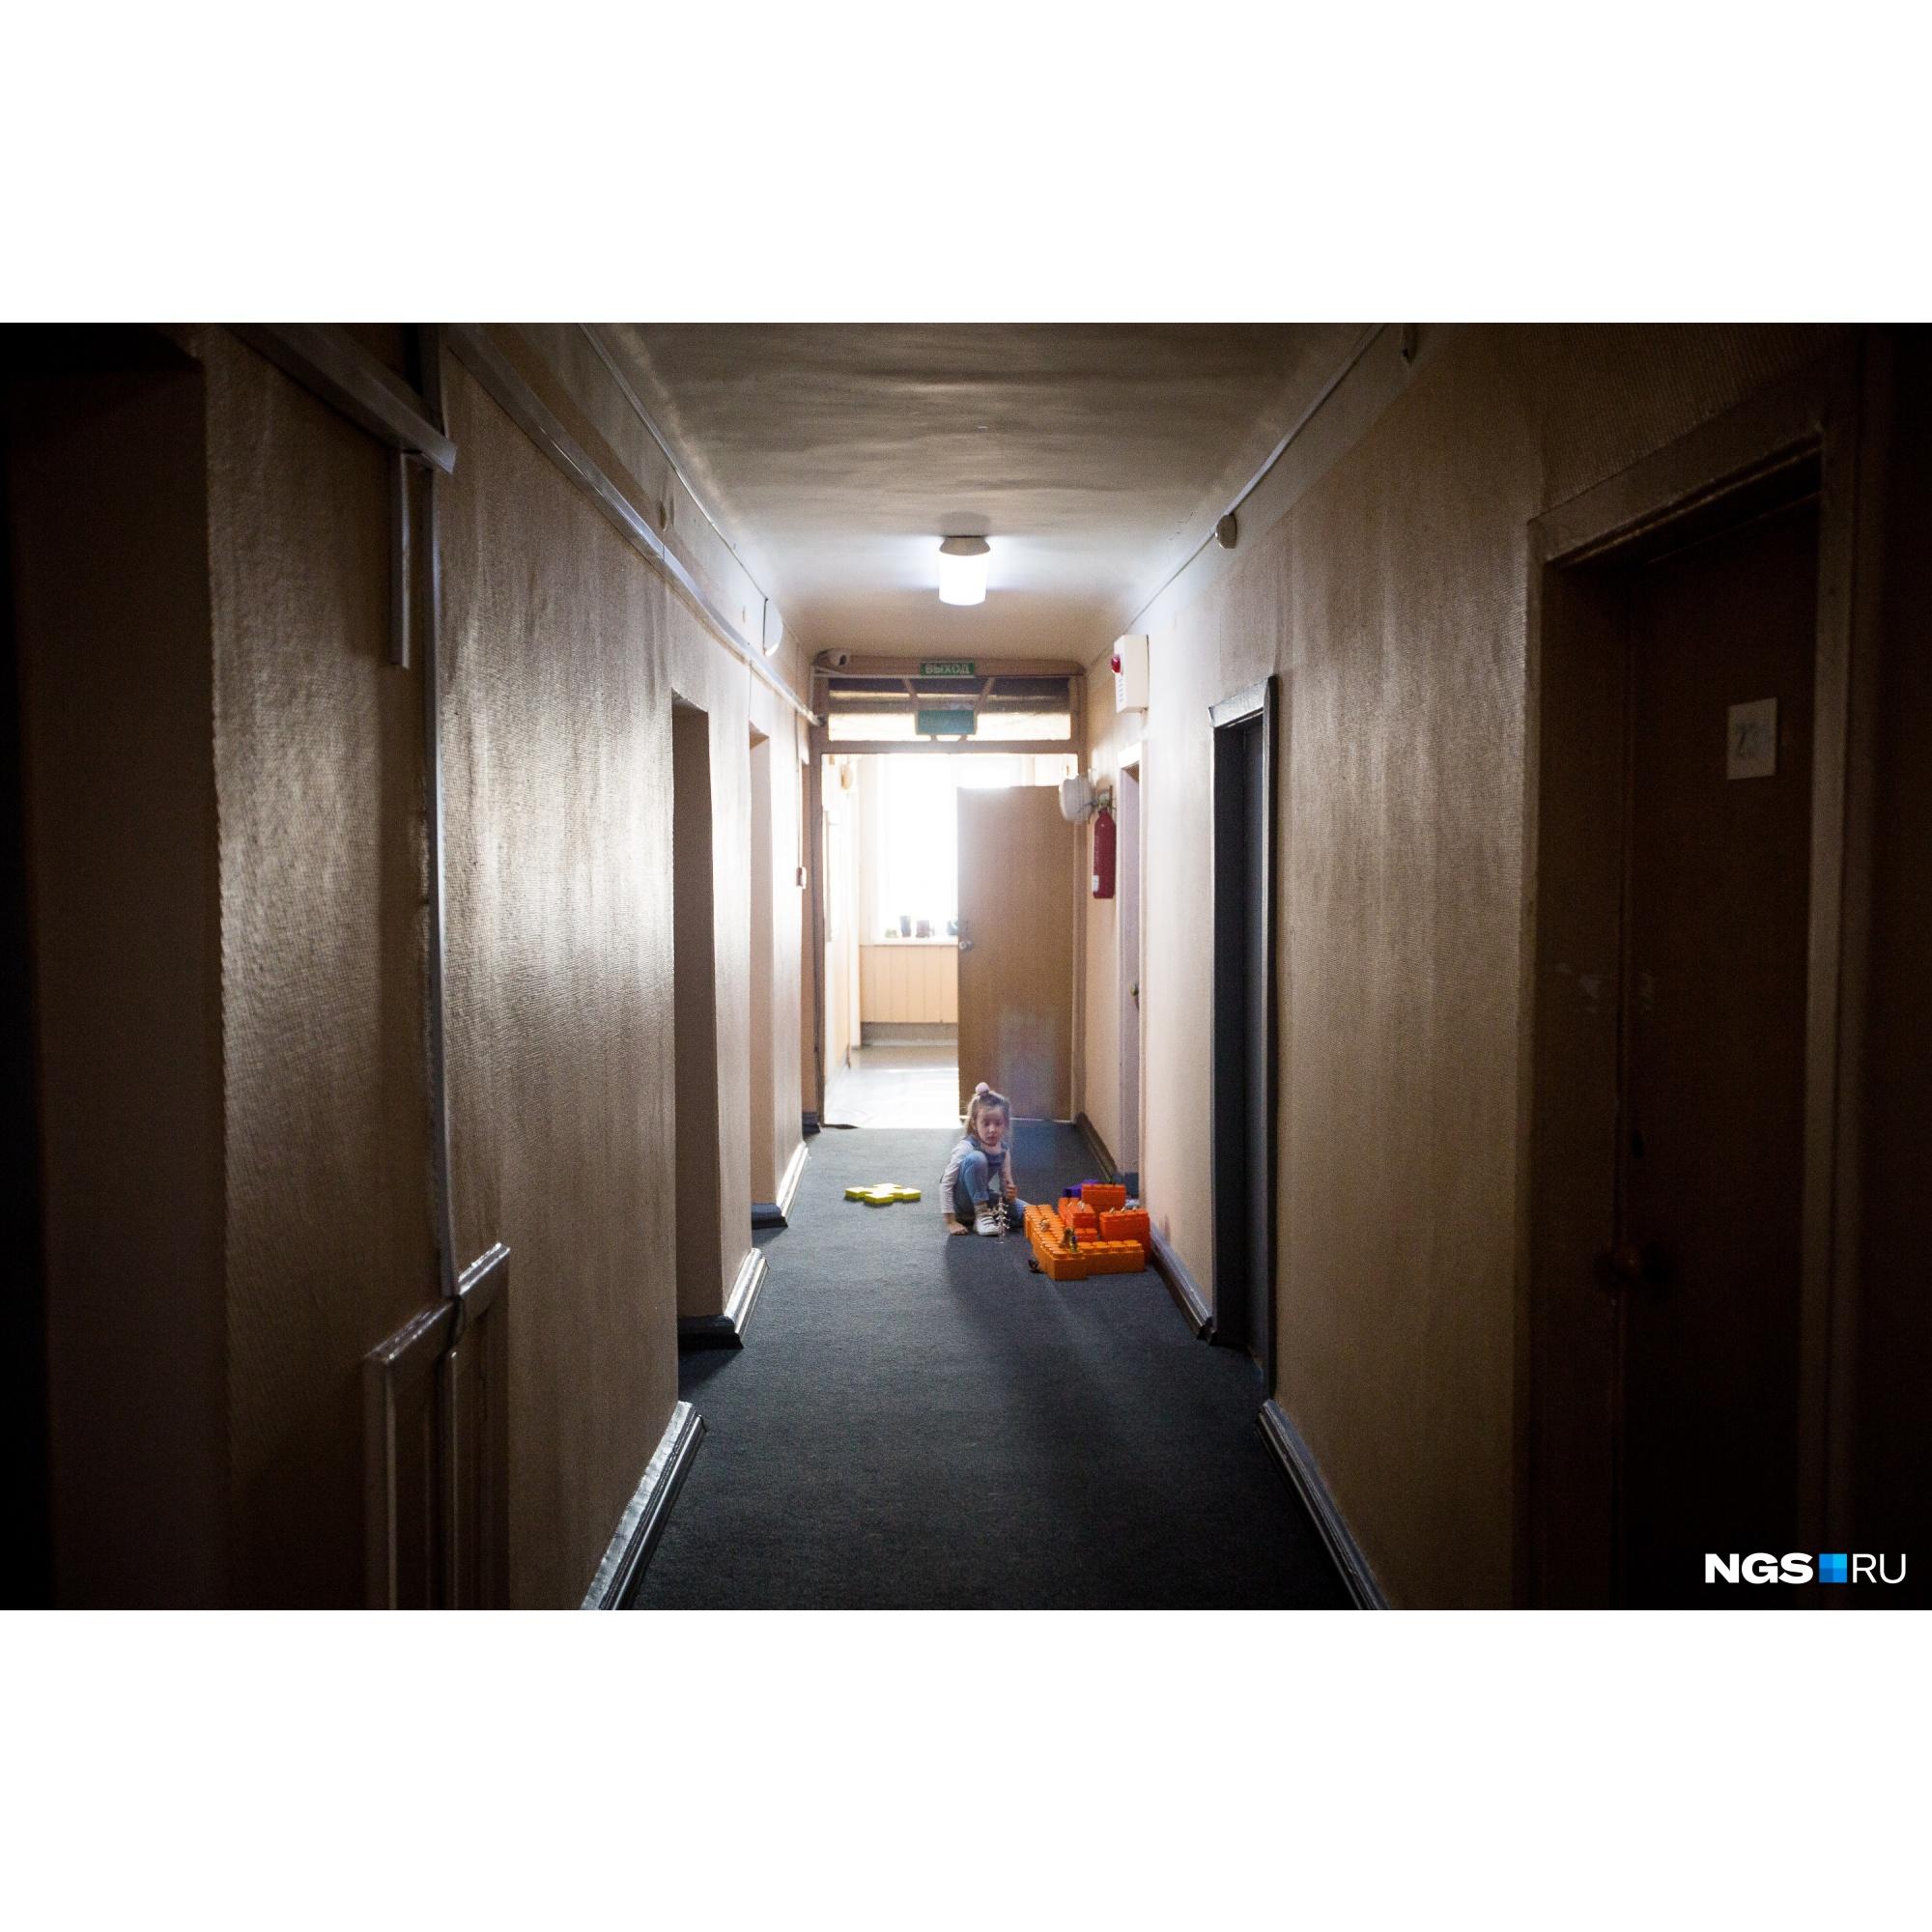 Администрация гостиницы отмечает, что ремонт у них происходитв неостанавливаемом режиме